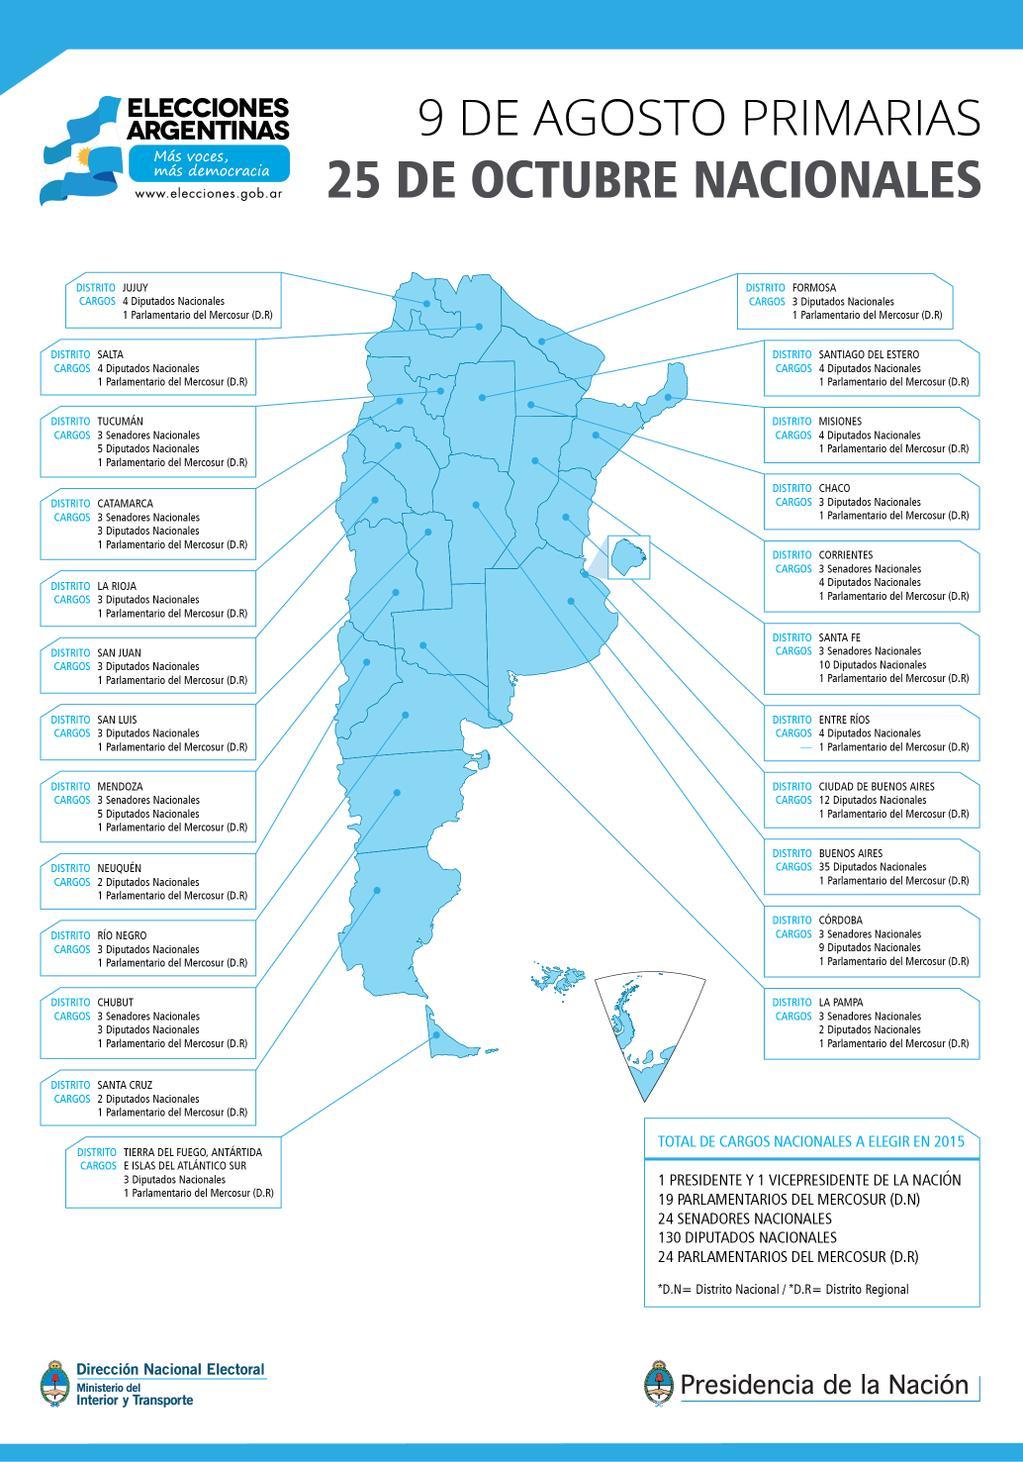 mapa electoral 2015